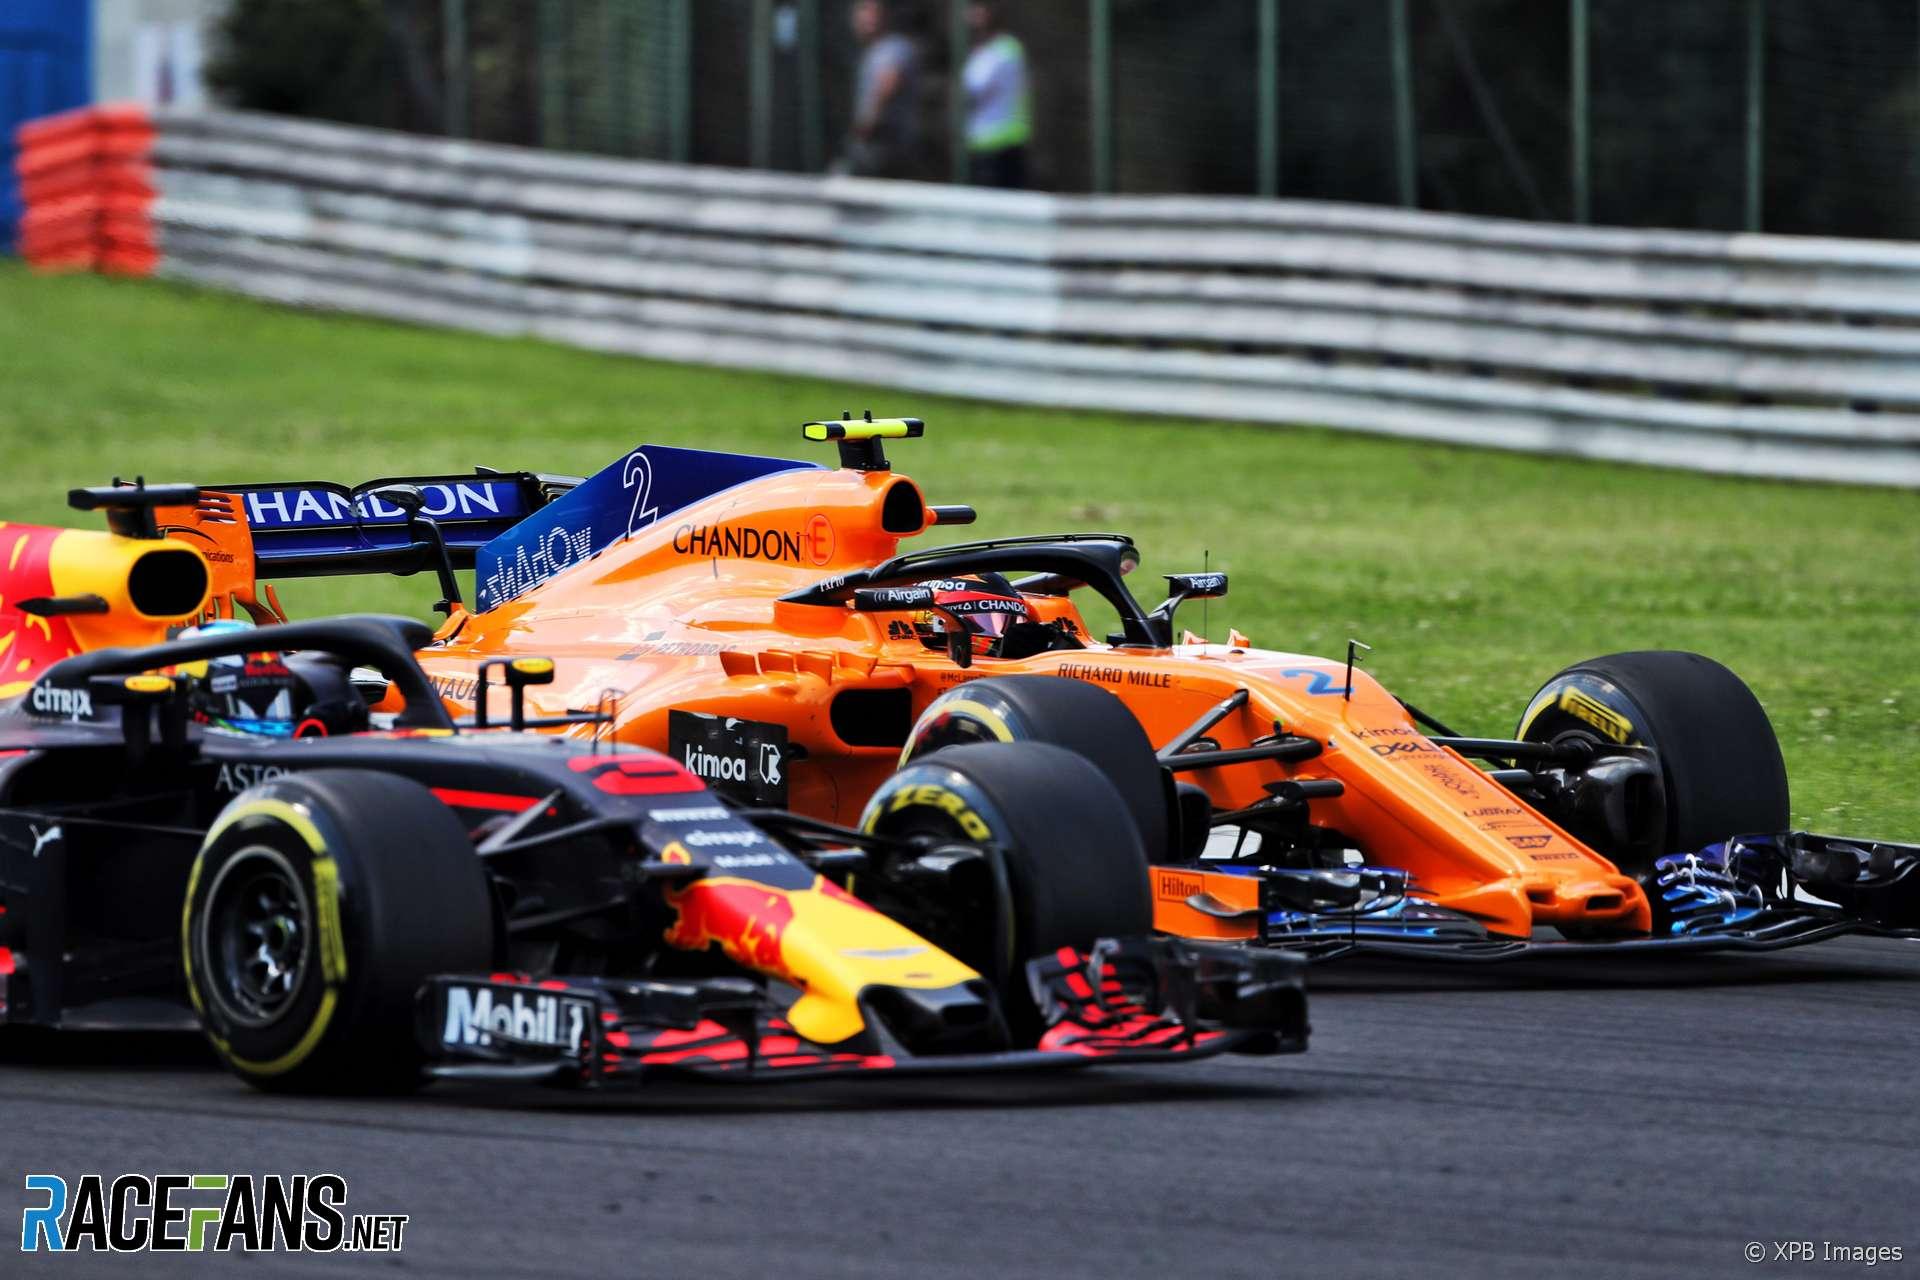 Stoffel Vandoorne, McLaren, Hungaroring, 2018